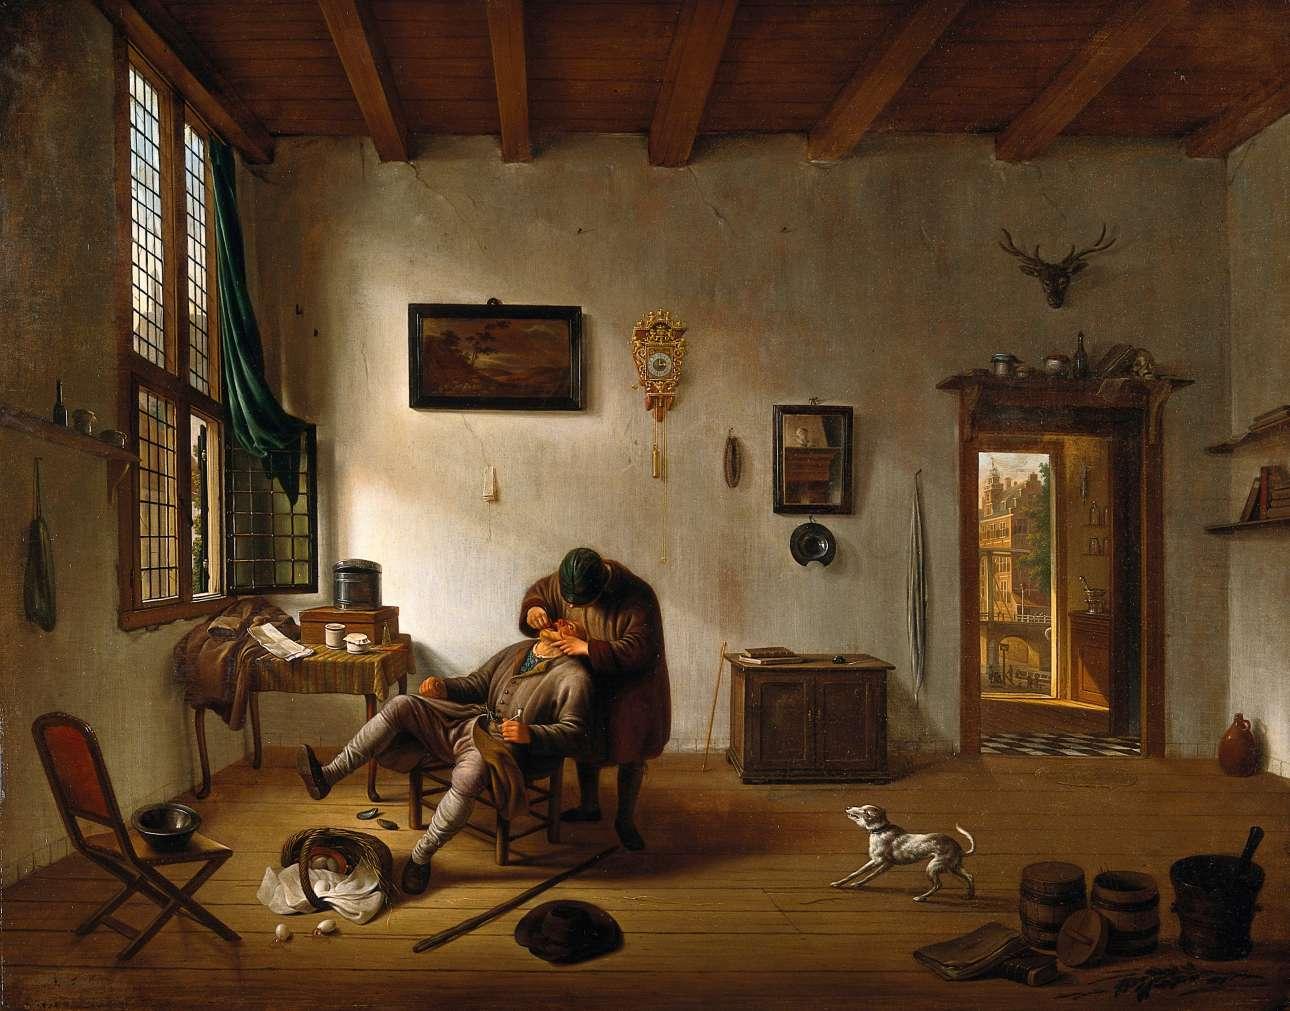 Πίνακας του Hendrik van der Burgh, ο οποίος απεικονίζει το εσωτερικό ενός ολλανδικού σπιτιού και έναν άνδρα να εκτελεί χρέη οδοντιάτρου, 1638–1666